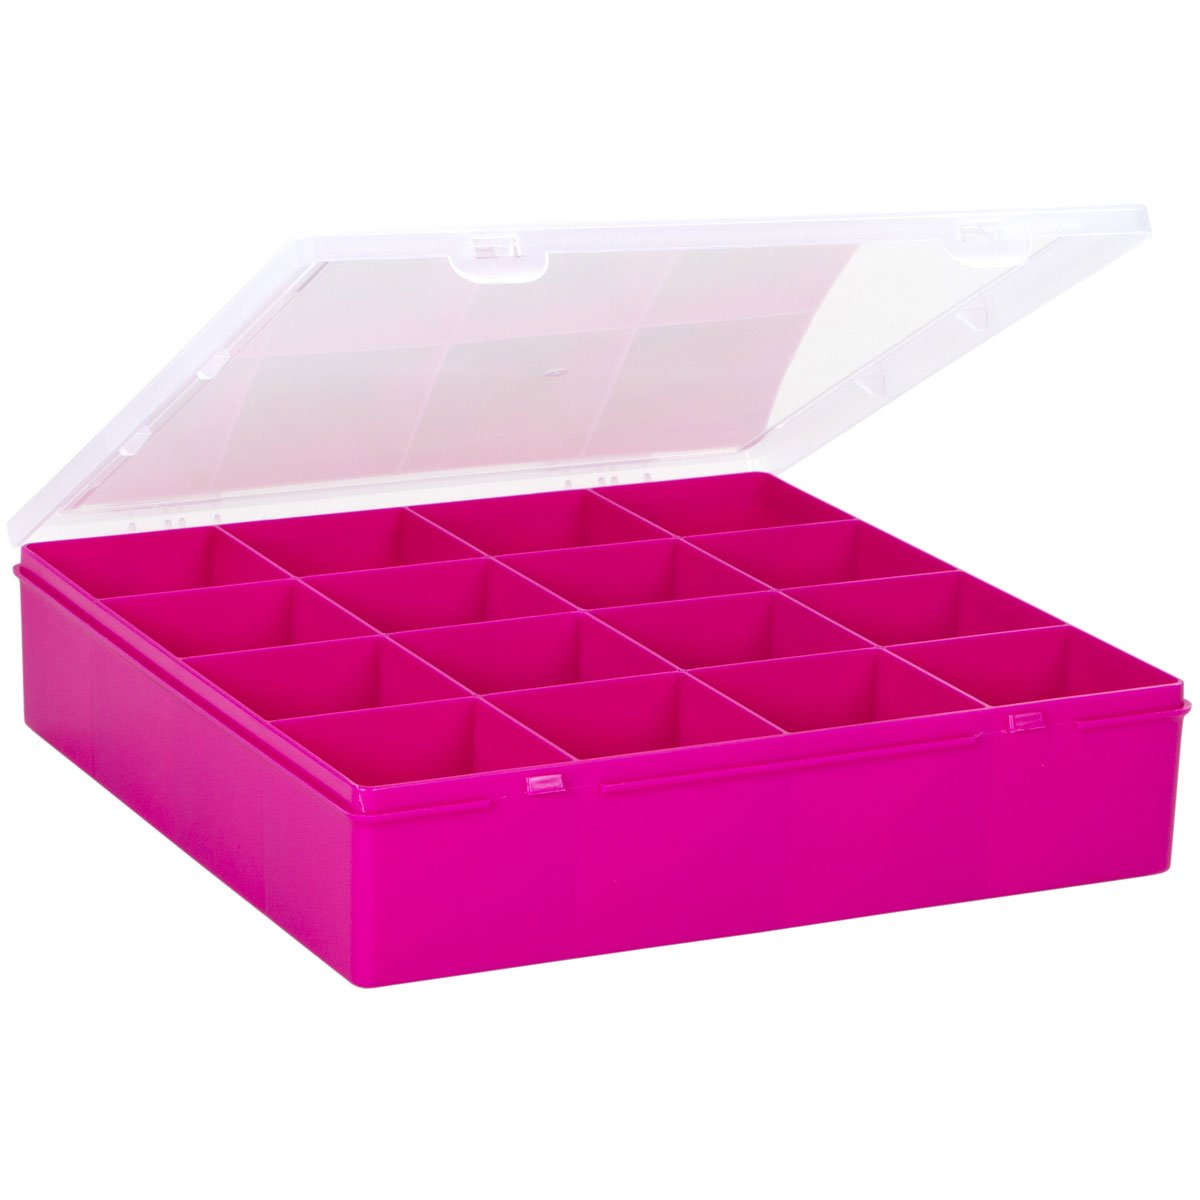 2 St/ück Sortierbox 17x16x5cm mit 4 F/ächern Fuchsia lebensmittelecht /• Aufbewahrungsbox Perlenbox Sortierkasten Organizer